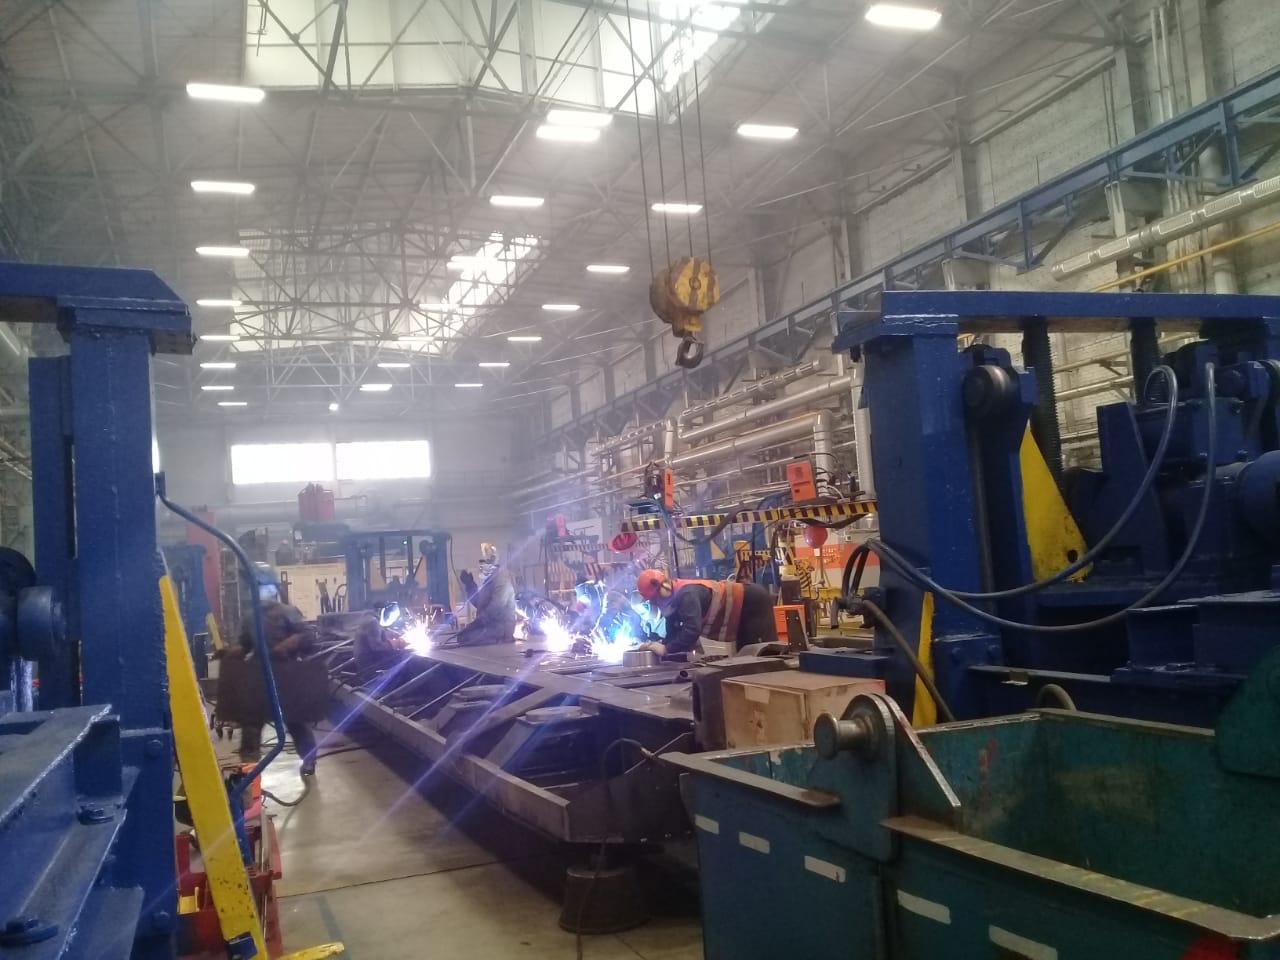 جولة لليوم السابع بمصنع جرارات السكة الحديد الروسى (31)